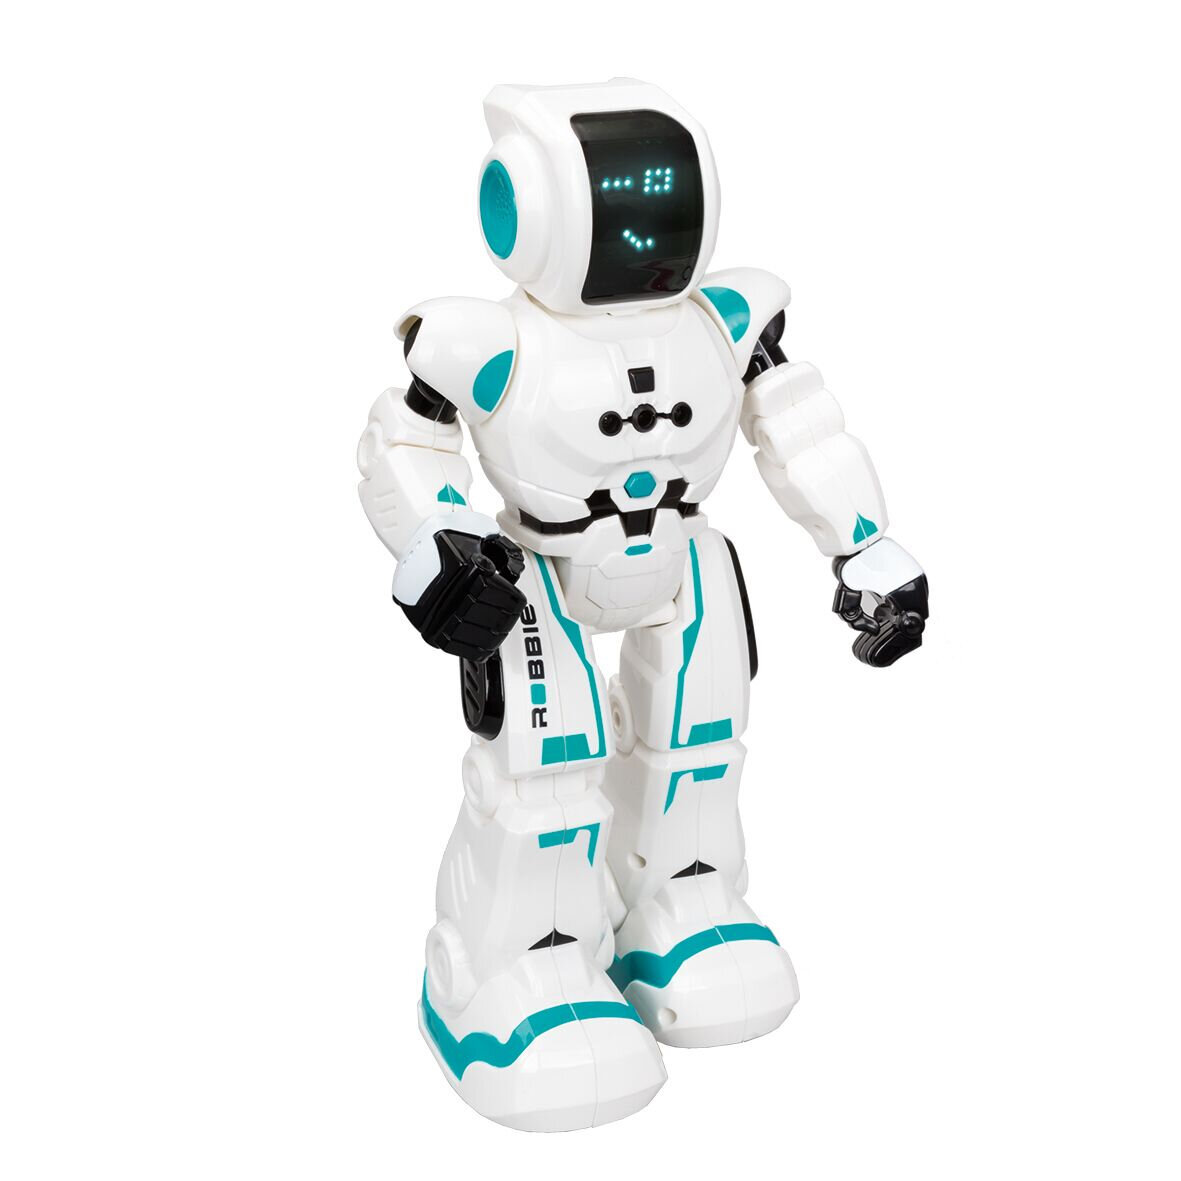 prekybos robotai pagal naujienas dvejetainių parinkčių su registracija demonstracinė sąskaita